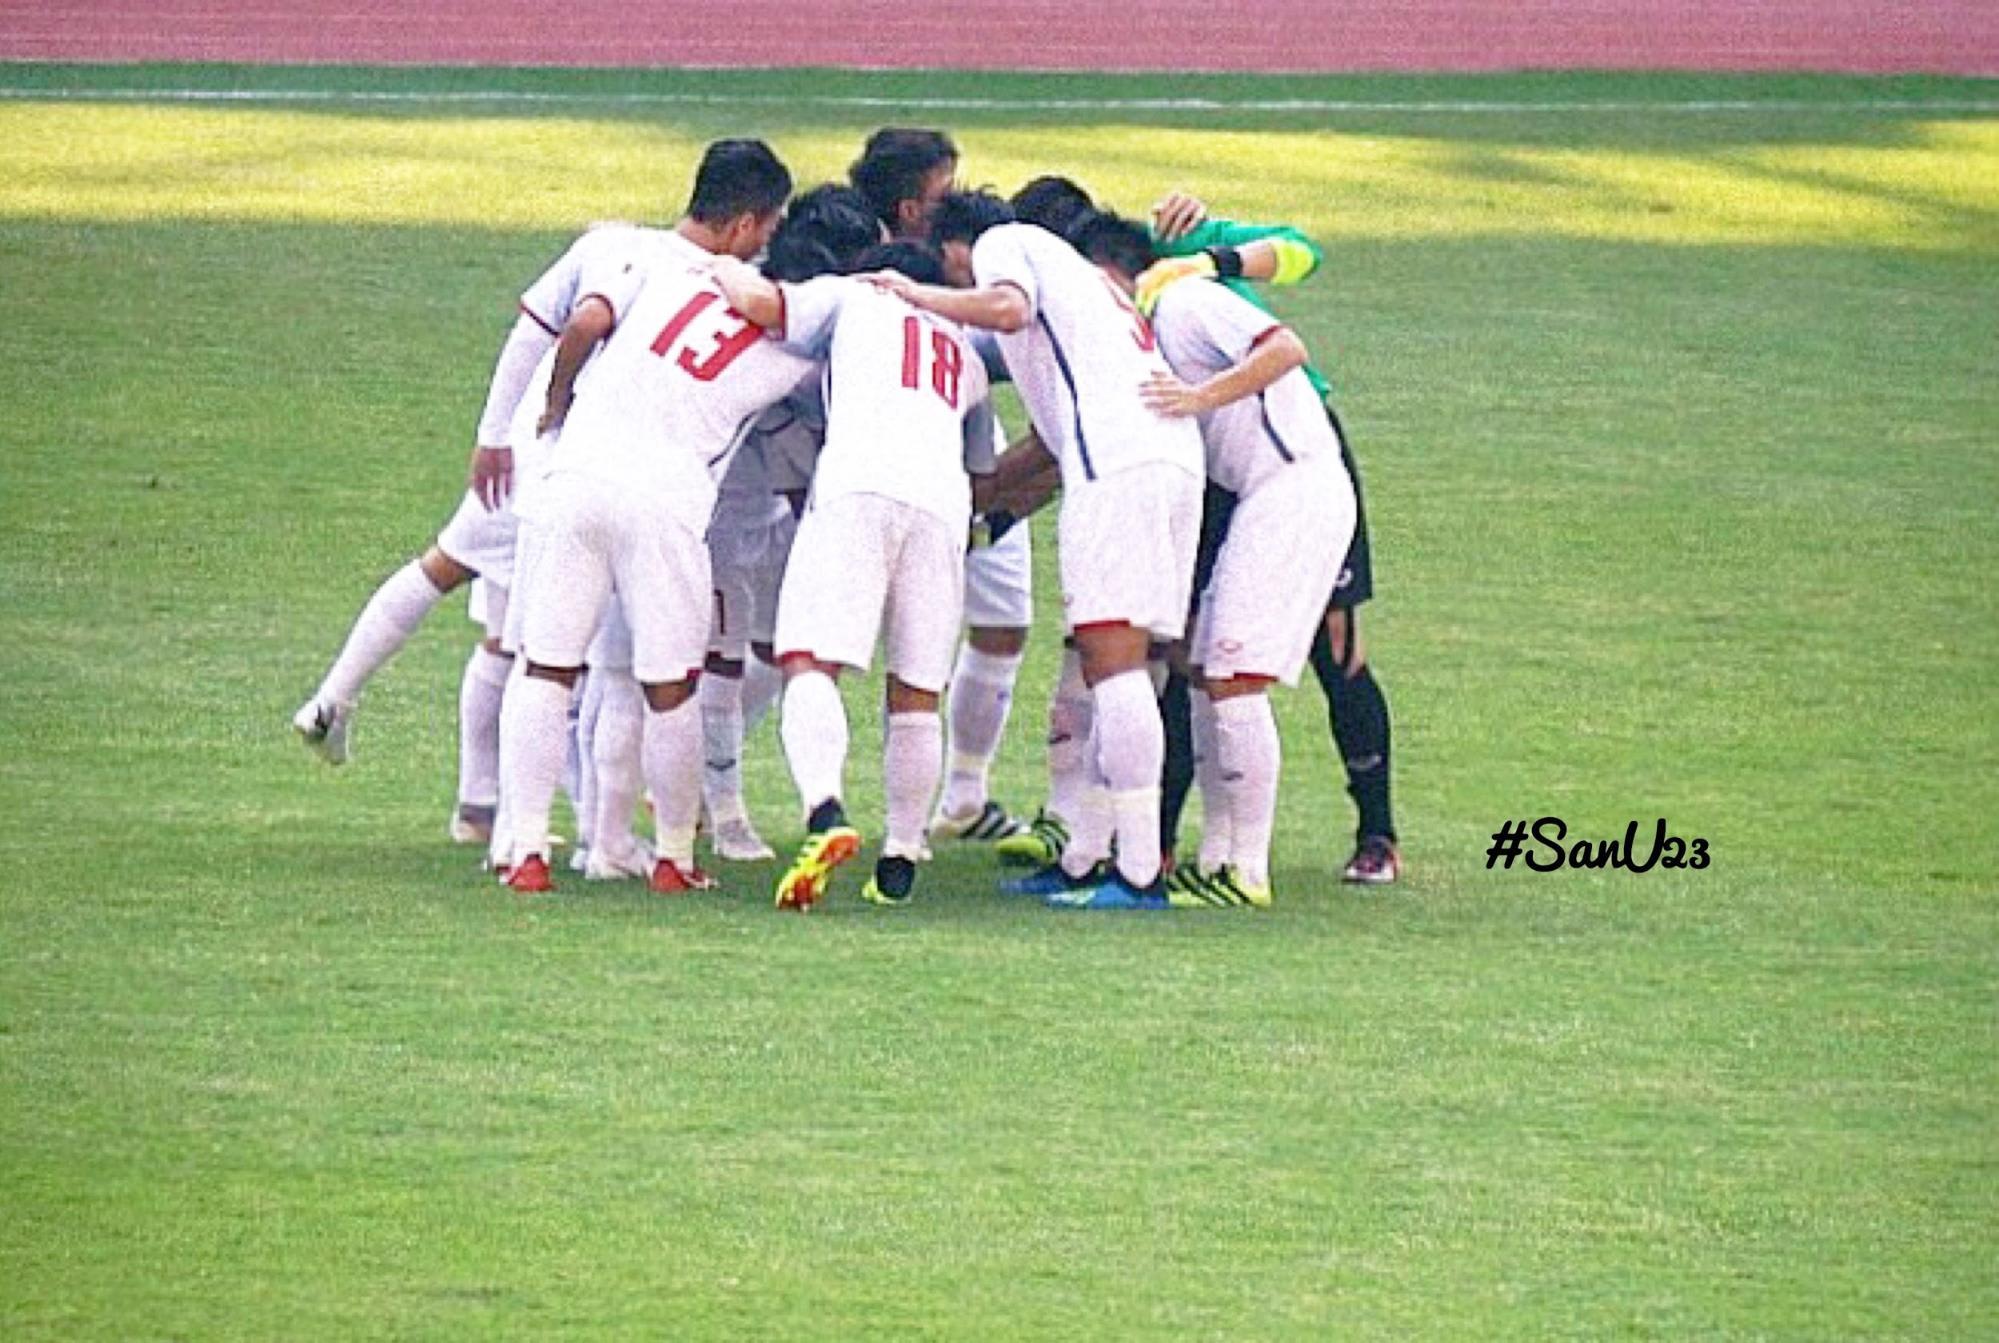 đội tuyển bóng đá việt nam trên sân bóng ở jakarta